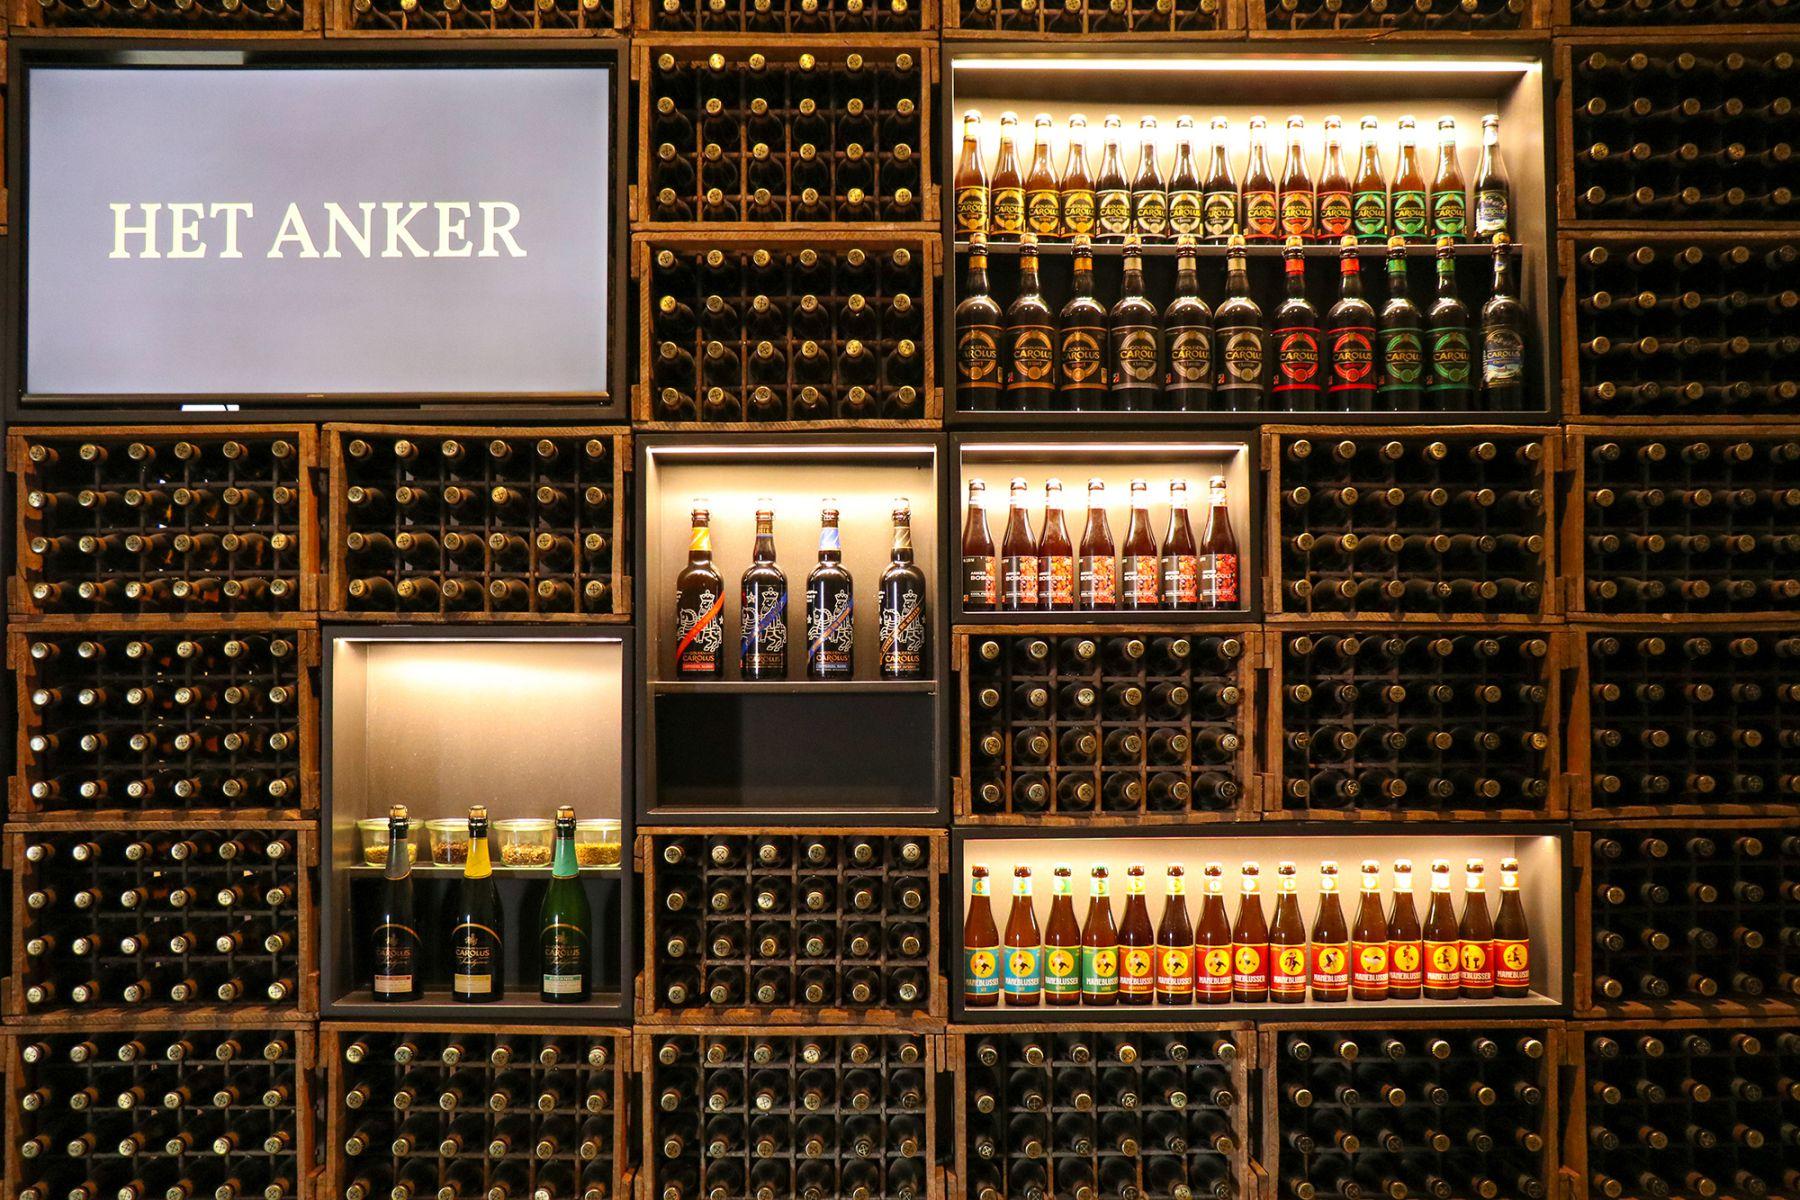 Muur met verschillende biertjes uit Mechelen | credit: CityZapper - Bianca van der Ham